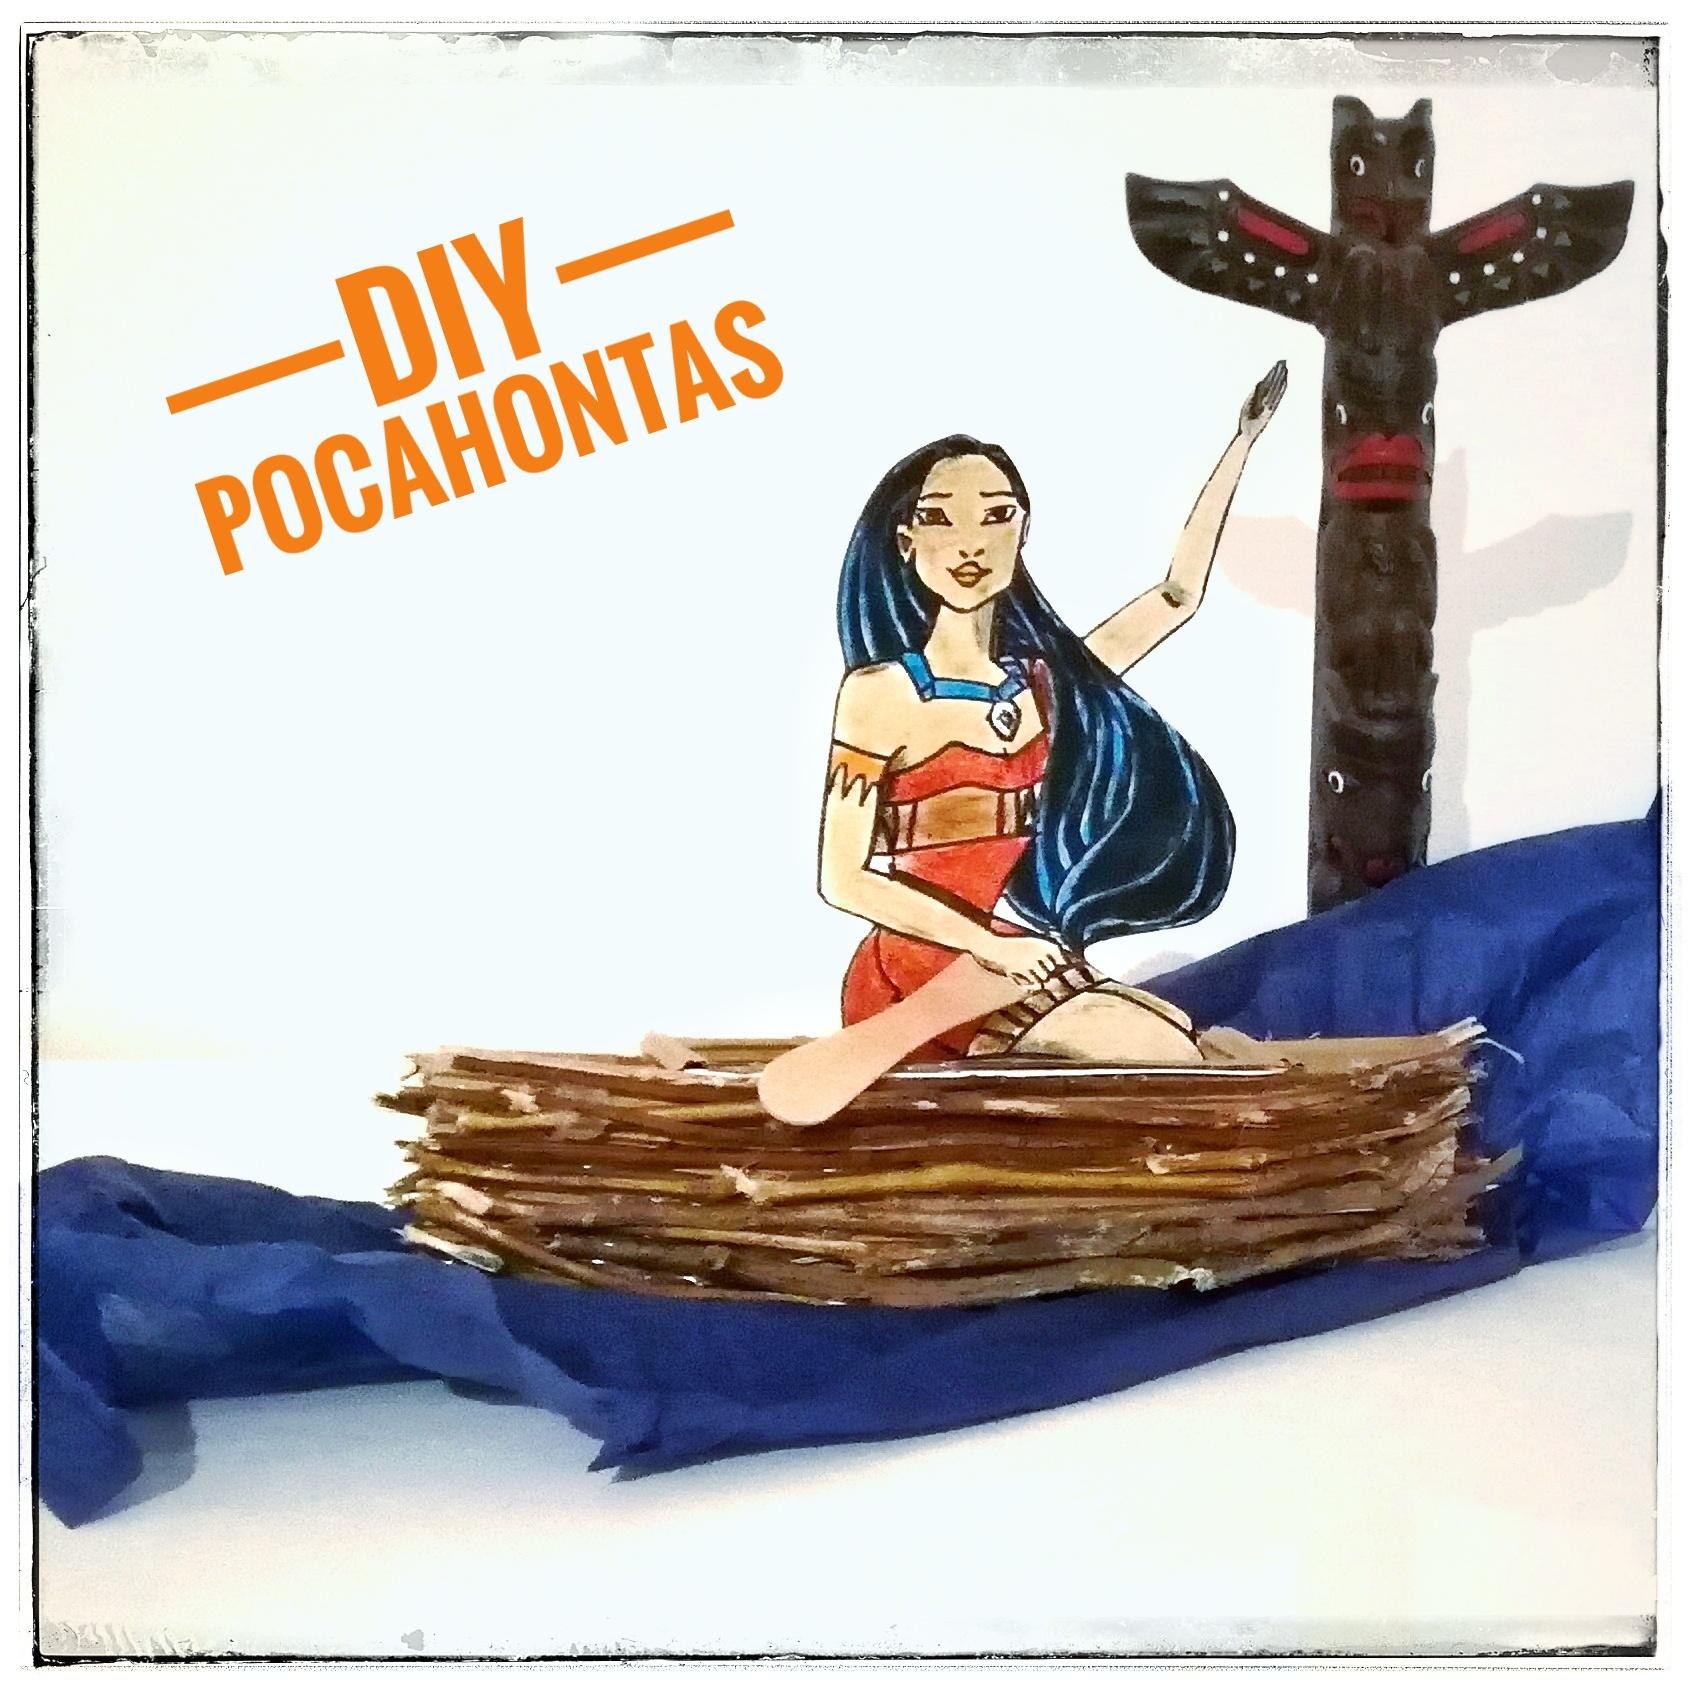 Gemütlich Pocahontas Gesicht Malvorlagen Fotos - Malvorlagen Von ...